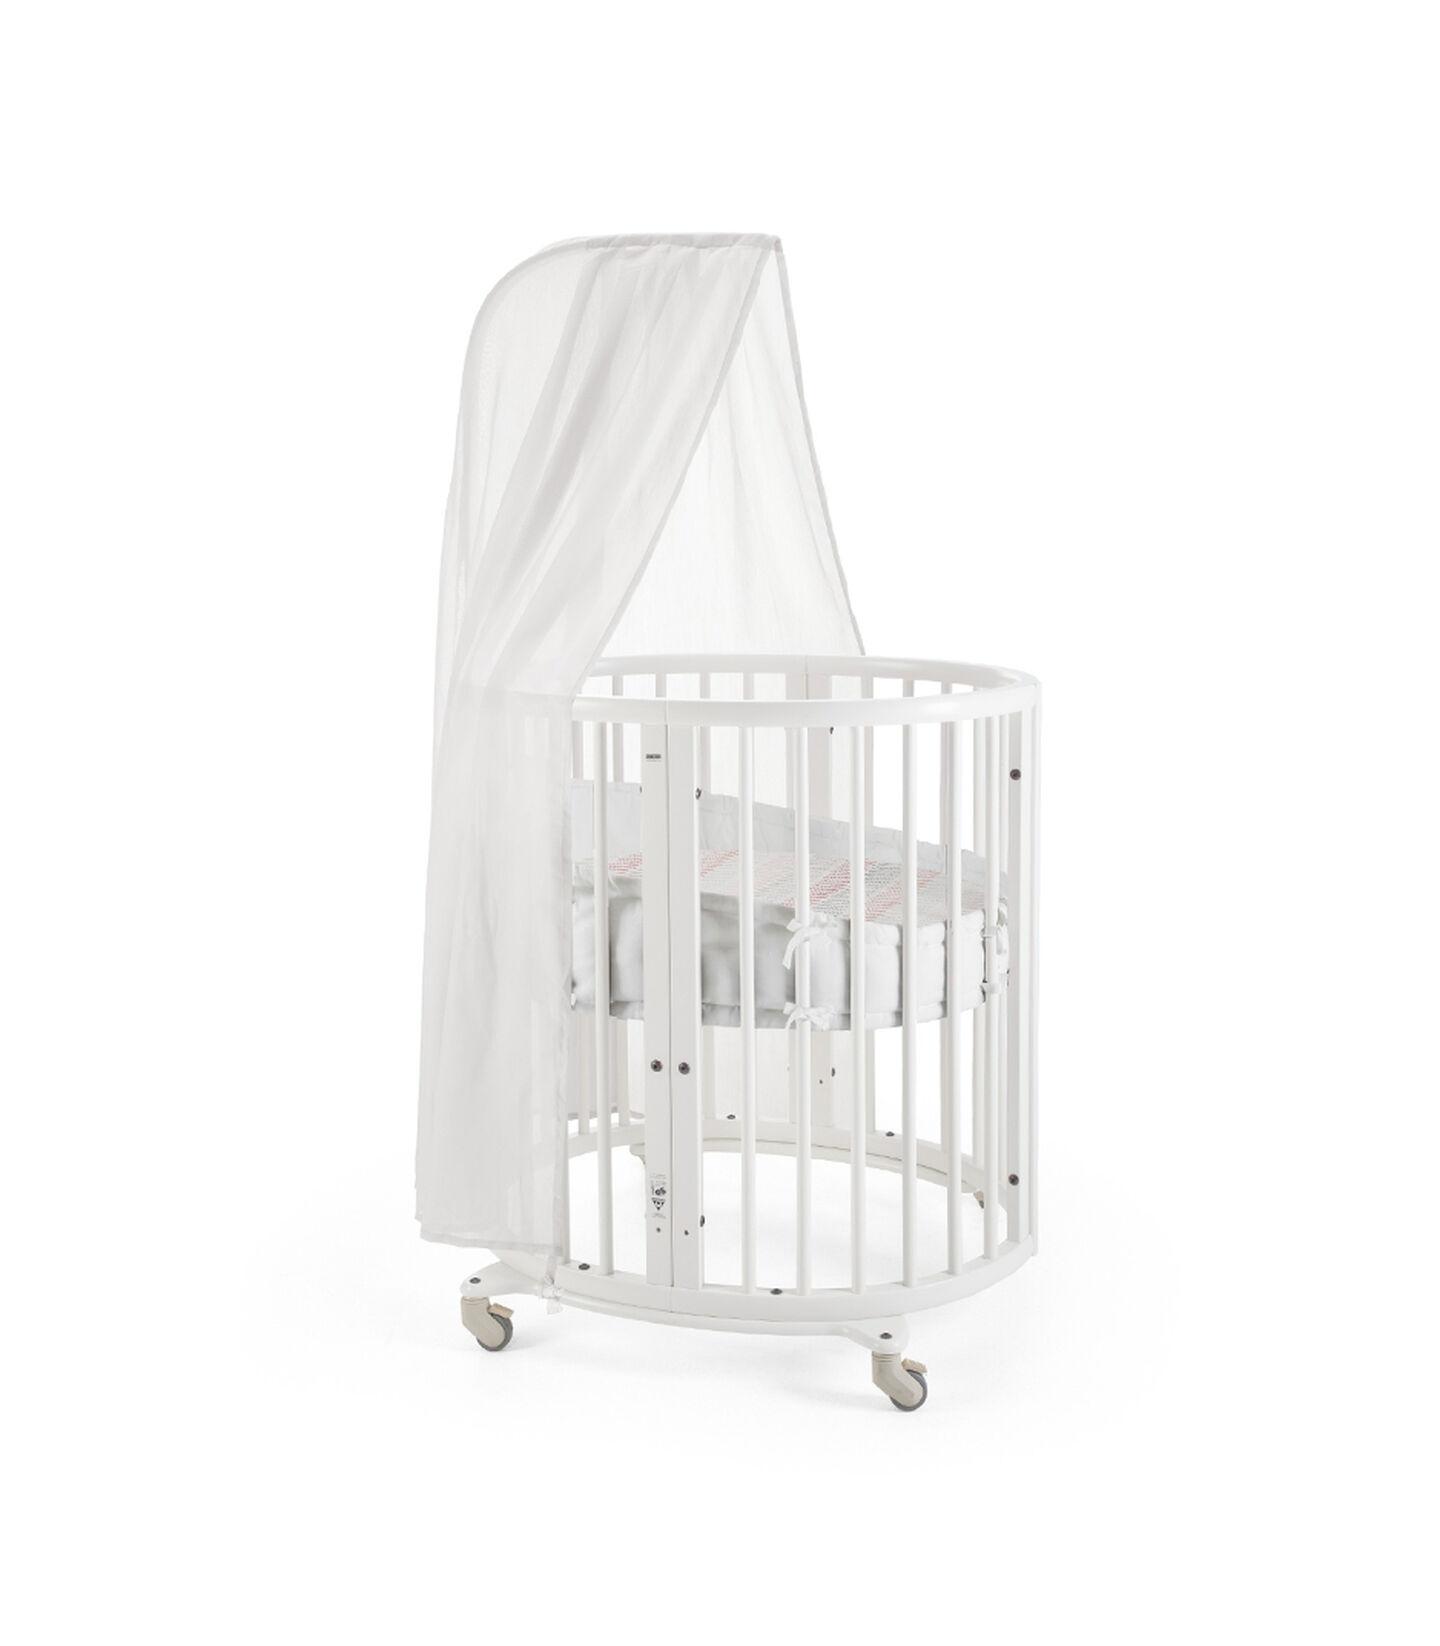 Stokke® Sleepi™ Sänghimmel White, White, mainview